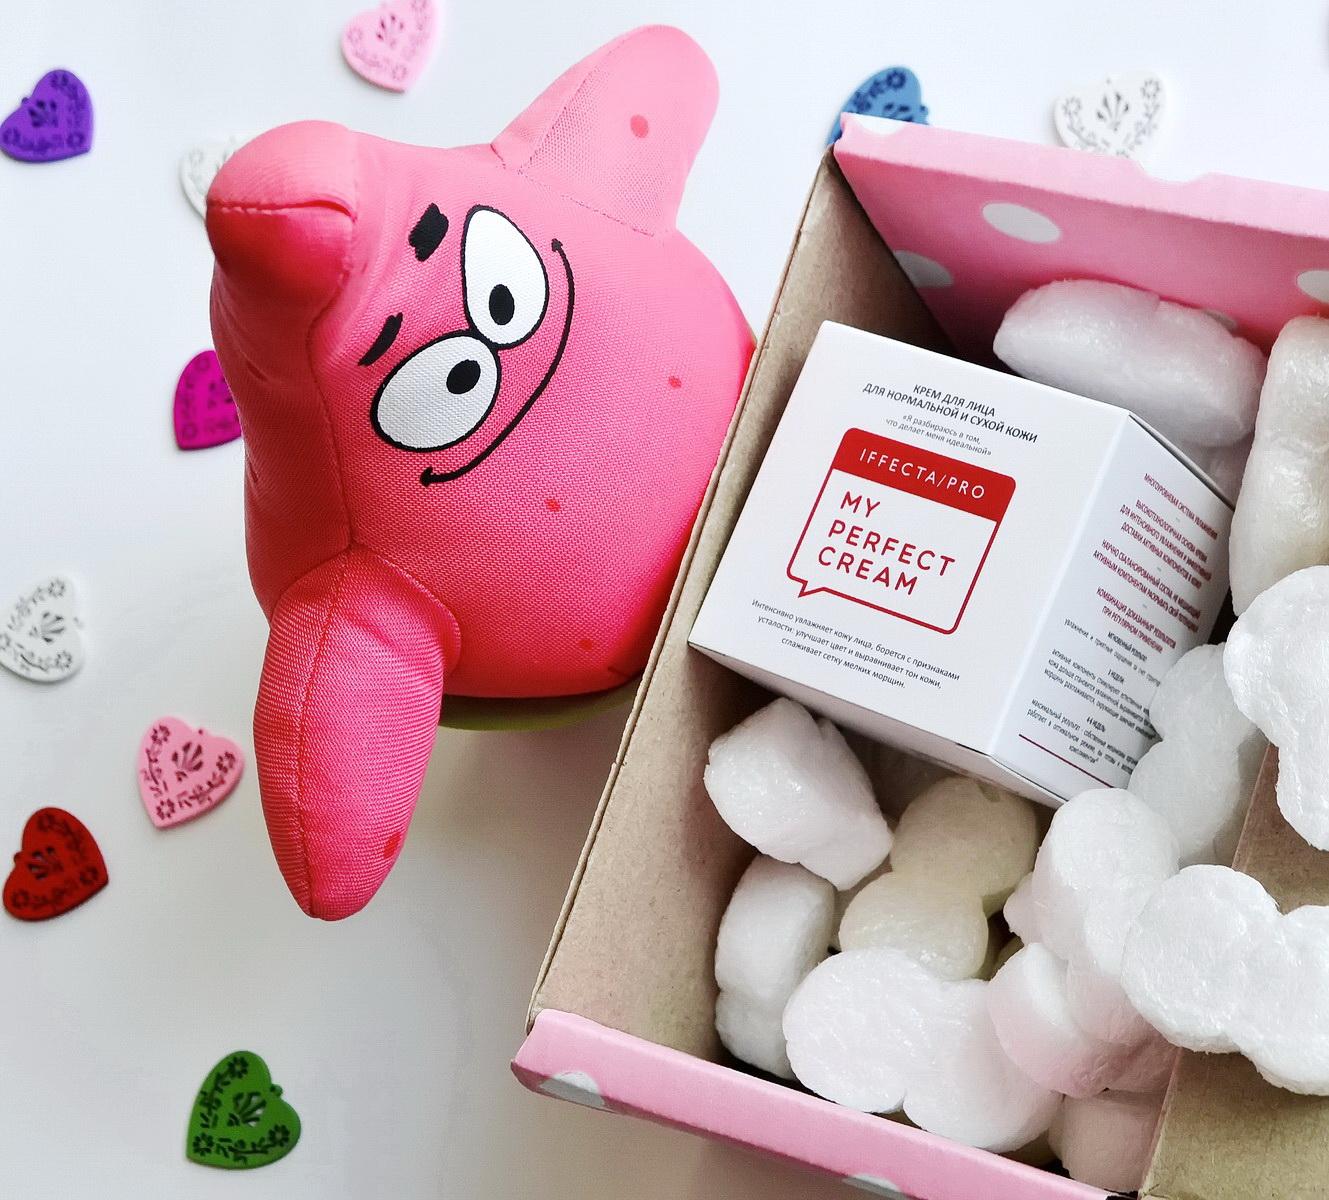 блог Марии Тур my perfect cream iffecta